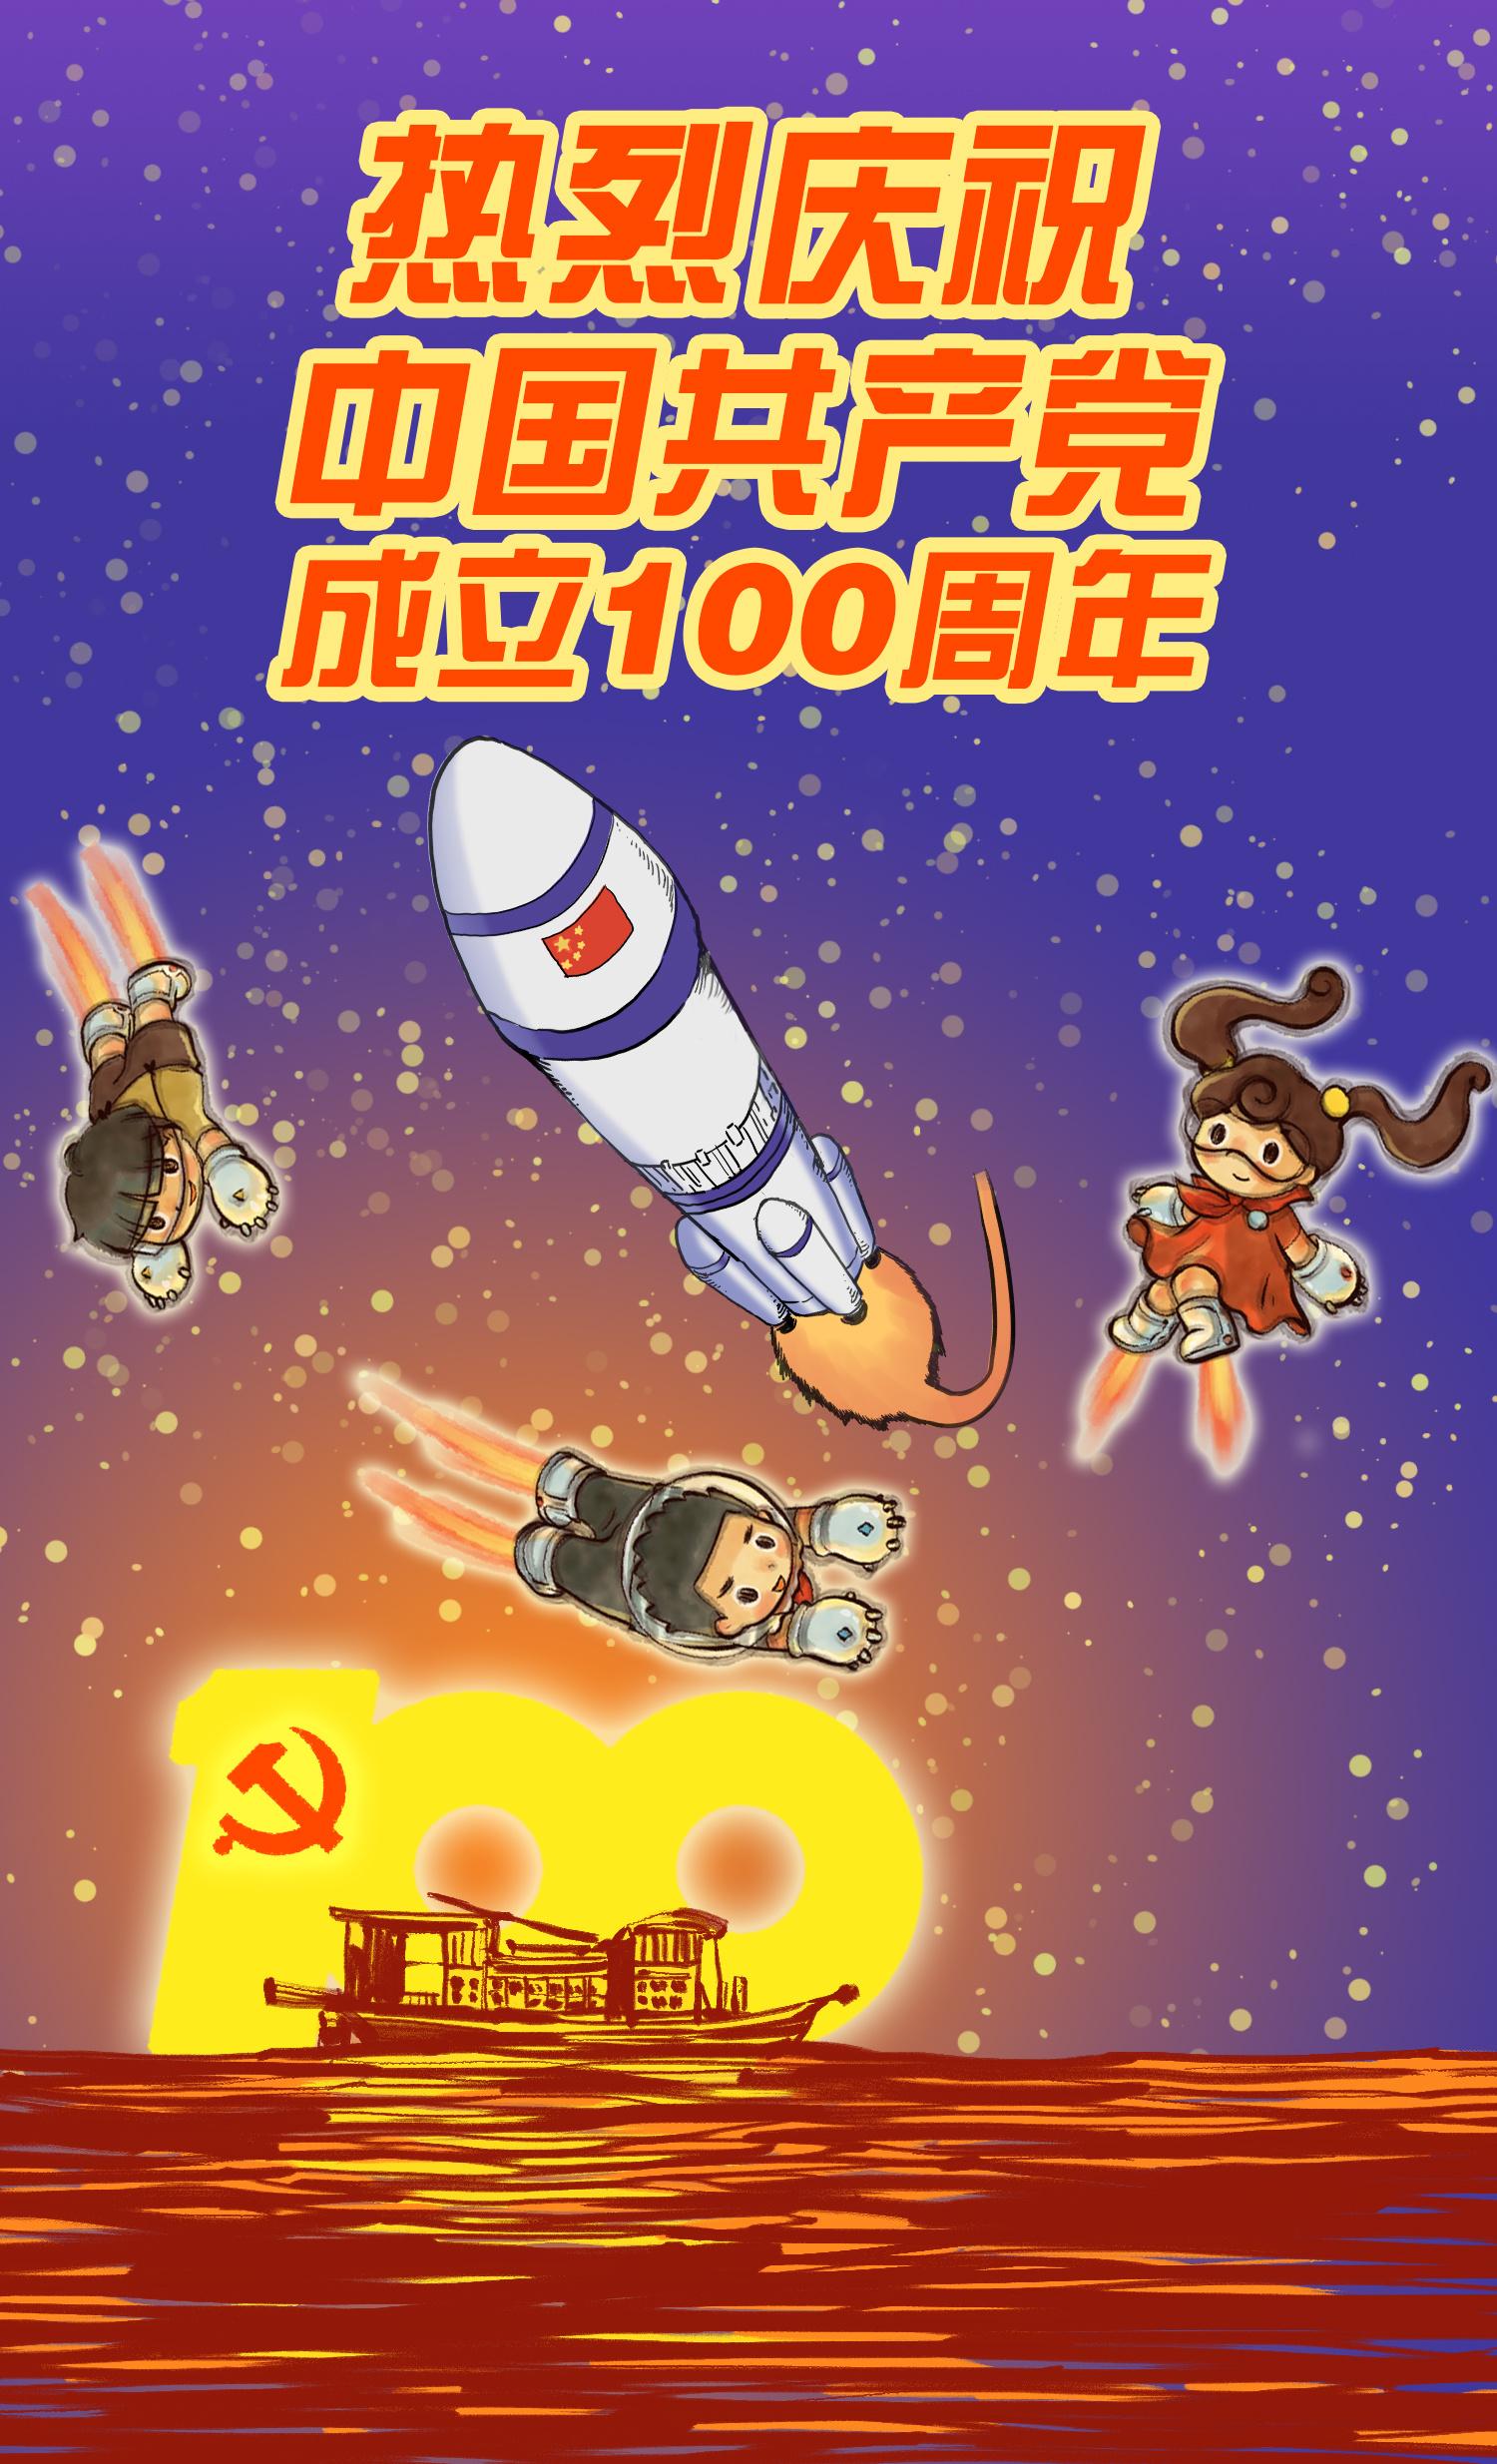 童心向党,逐梦未来,热烈庆祝中国共产党成立100周年